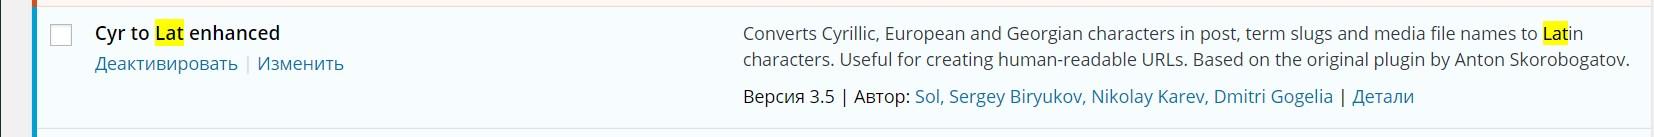 40 - для справки - Cyr to Lat enchanced на мой взгляд лучший плагин для того, чтобы делать ЧПУ для сайта. ЧПУ-адреса - без них сайт не будет жить полной жизнью. Это адрес с буквами вместо цифр